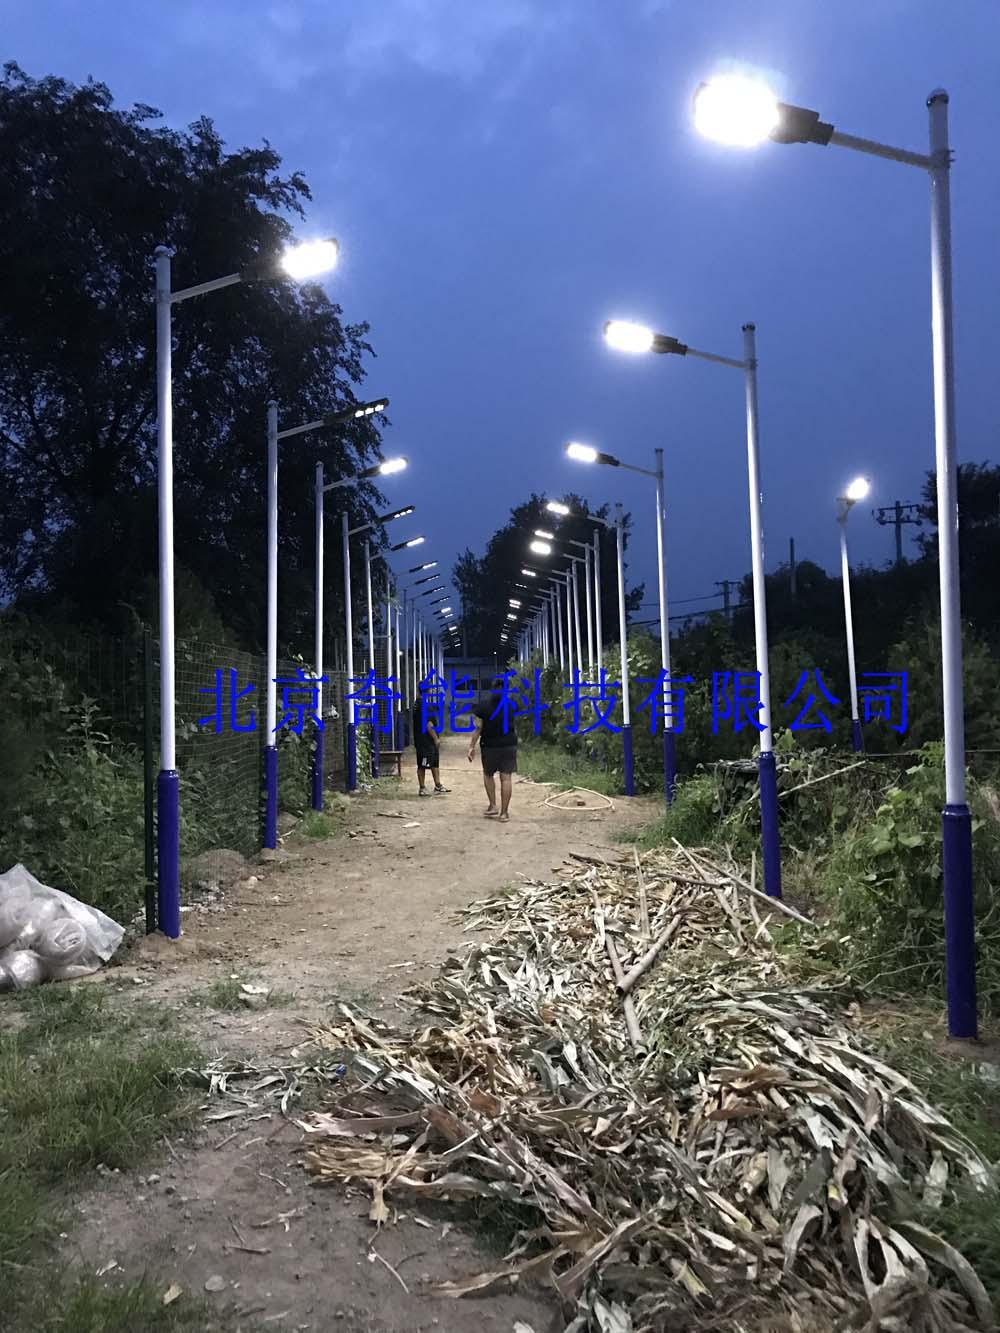 昌平区拆迁用太阳能感应路灯